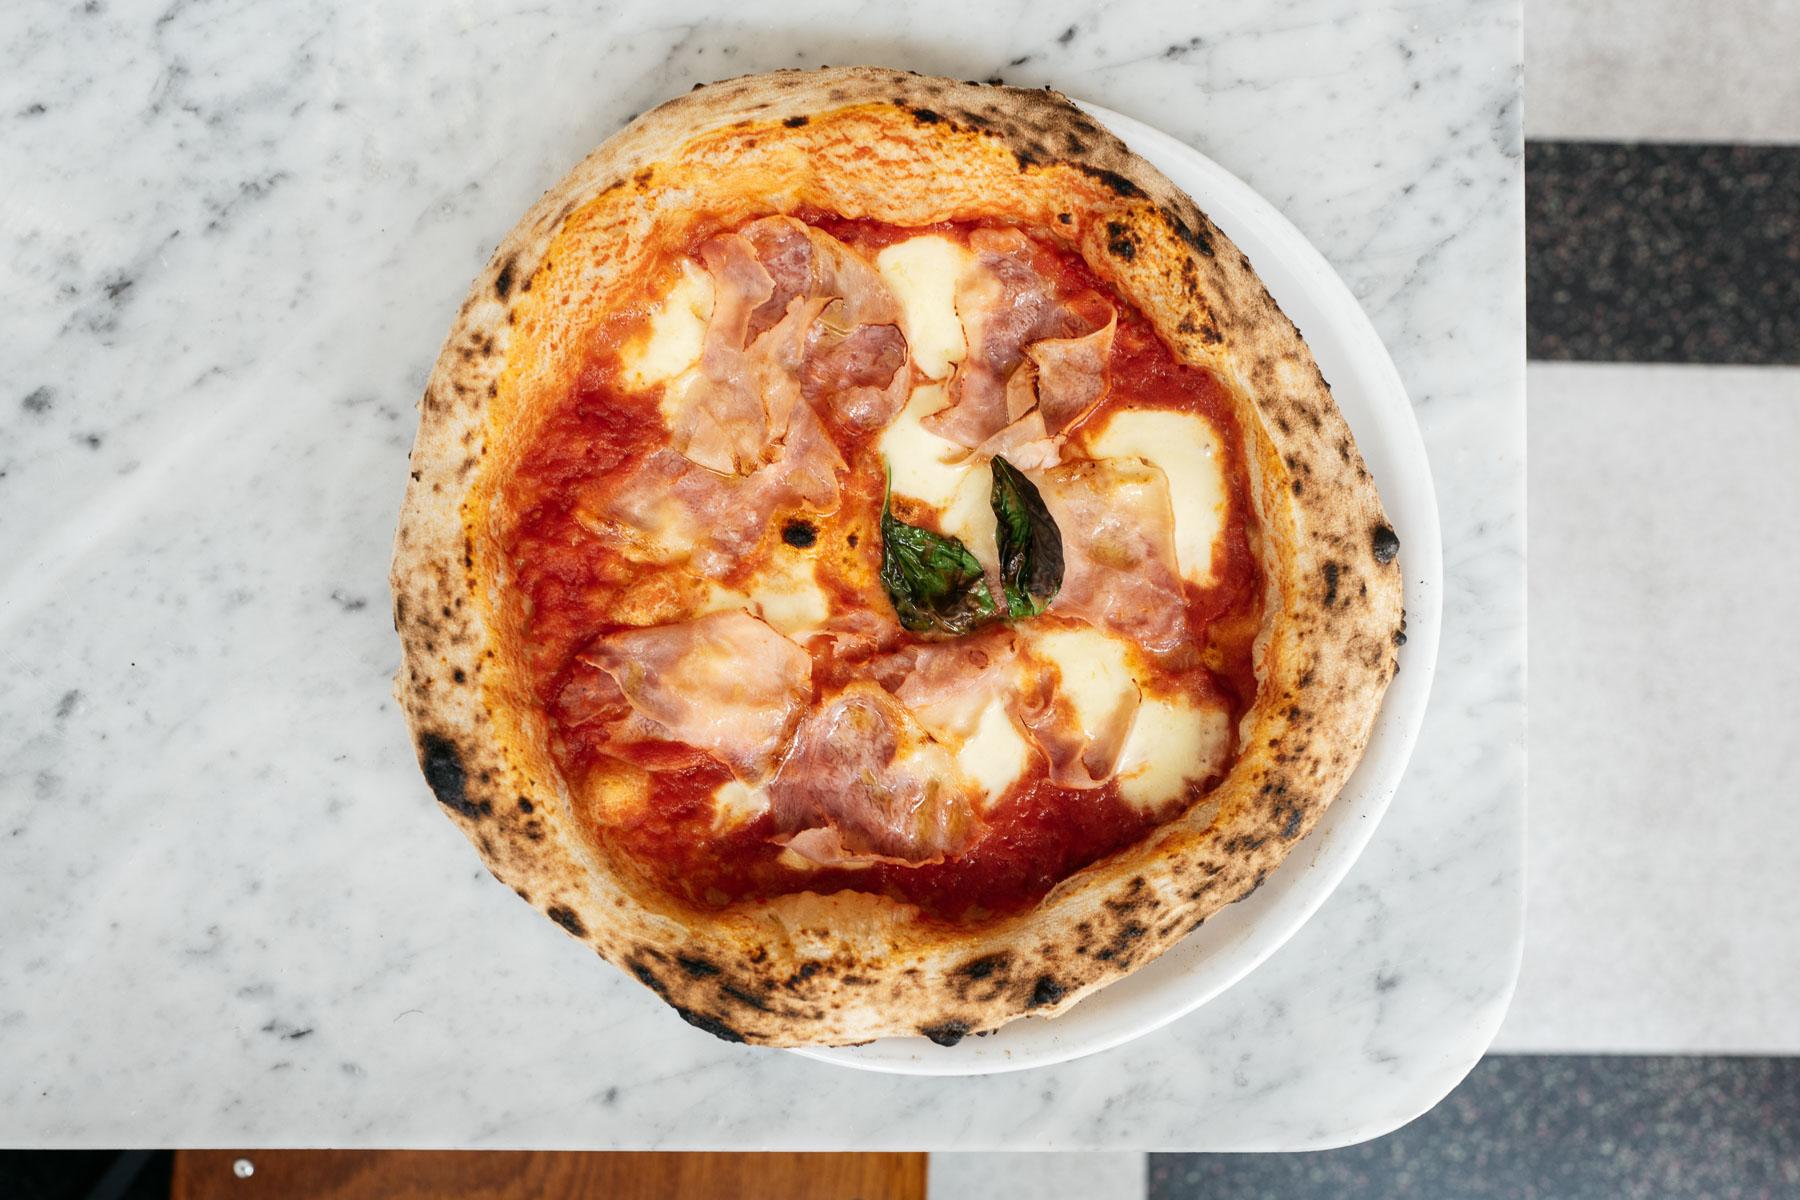 pizza rossa - prosciutto cotto, bazylia